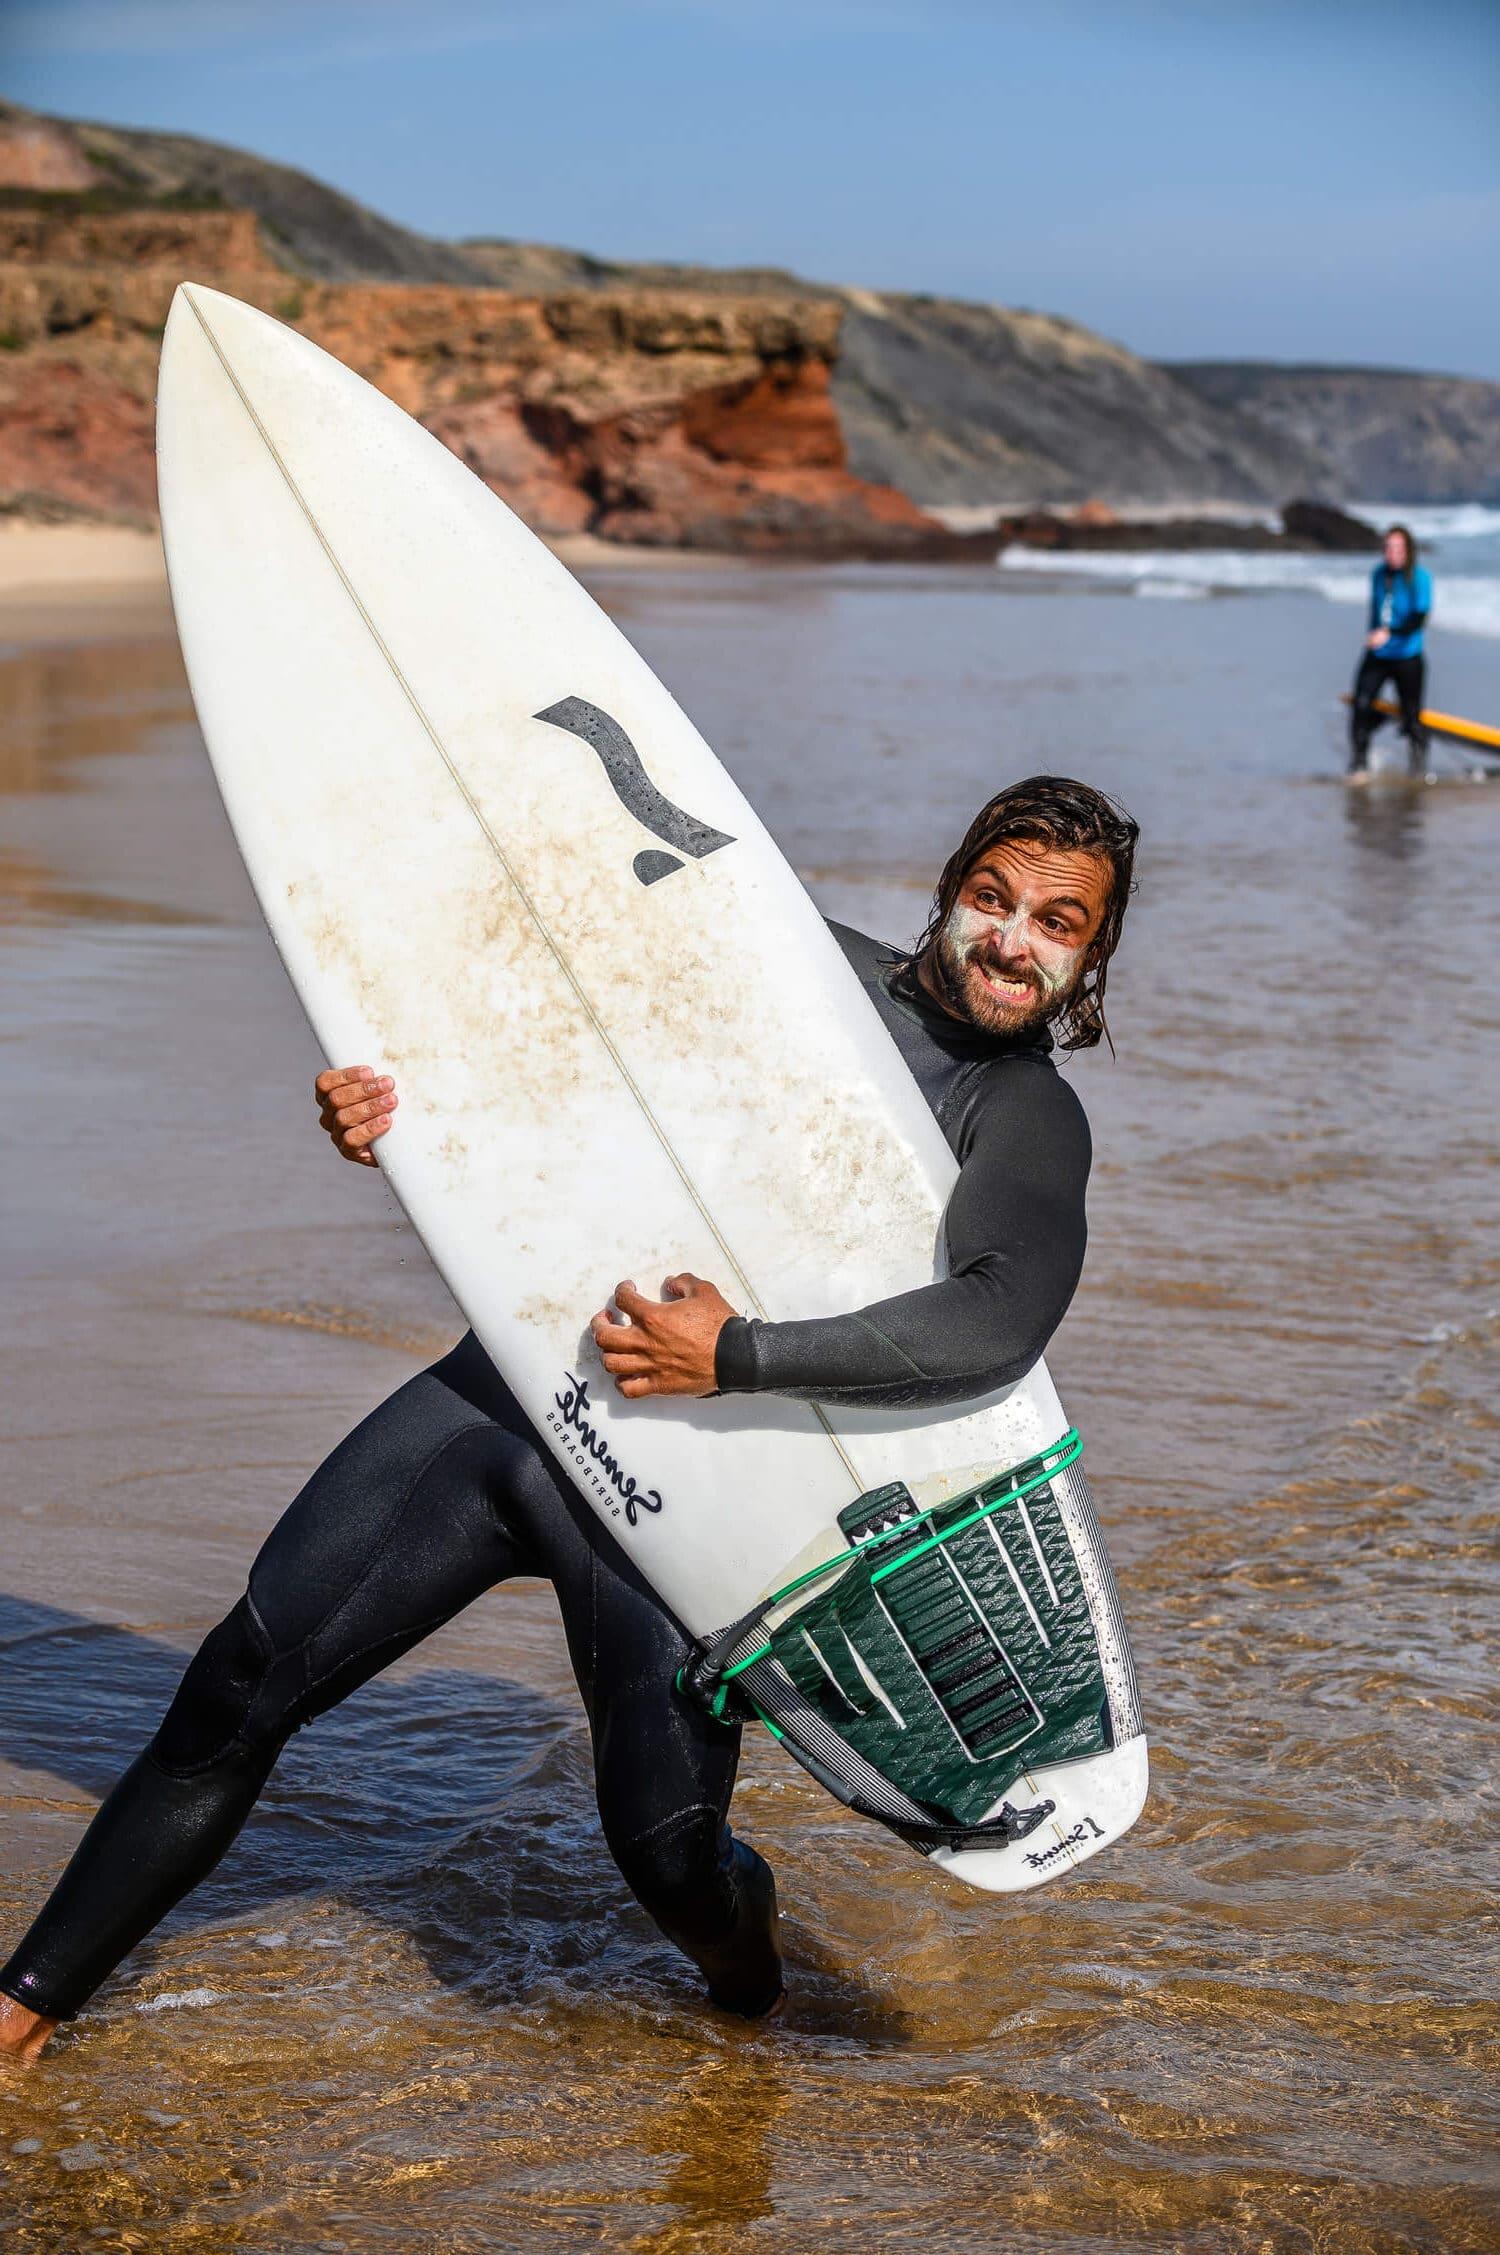 Surfboard   Wetsuit